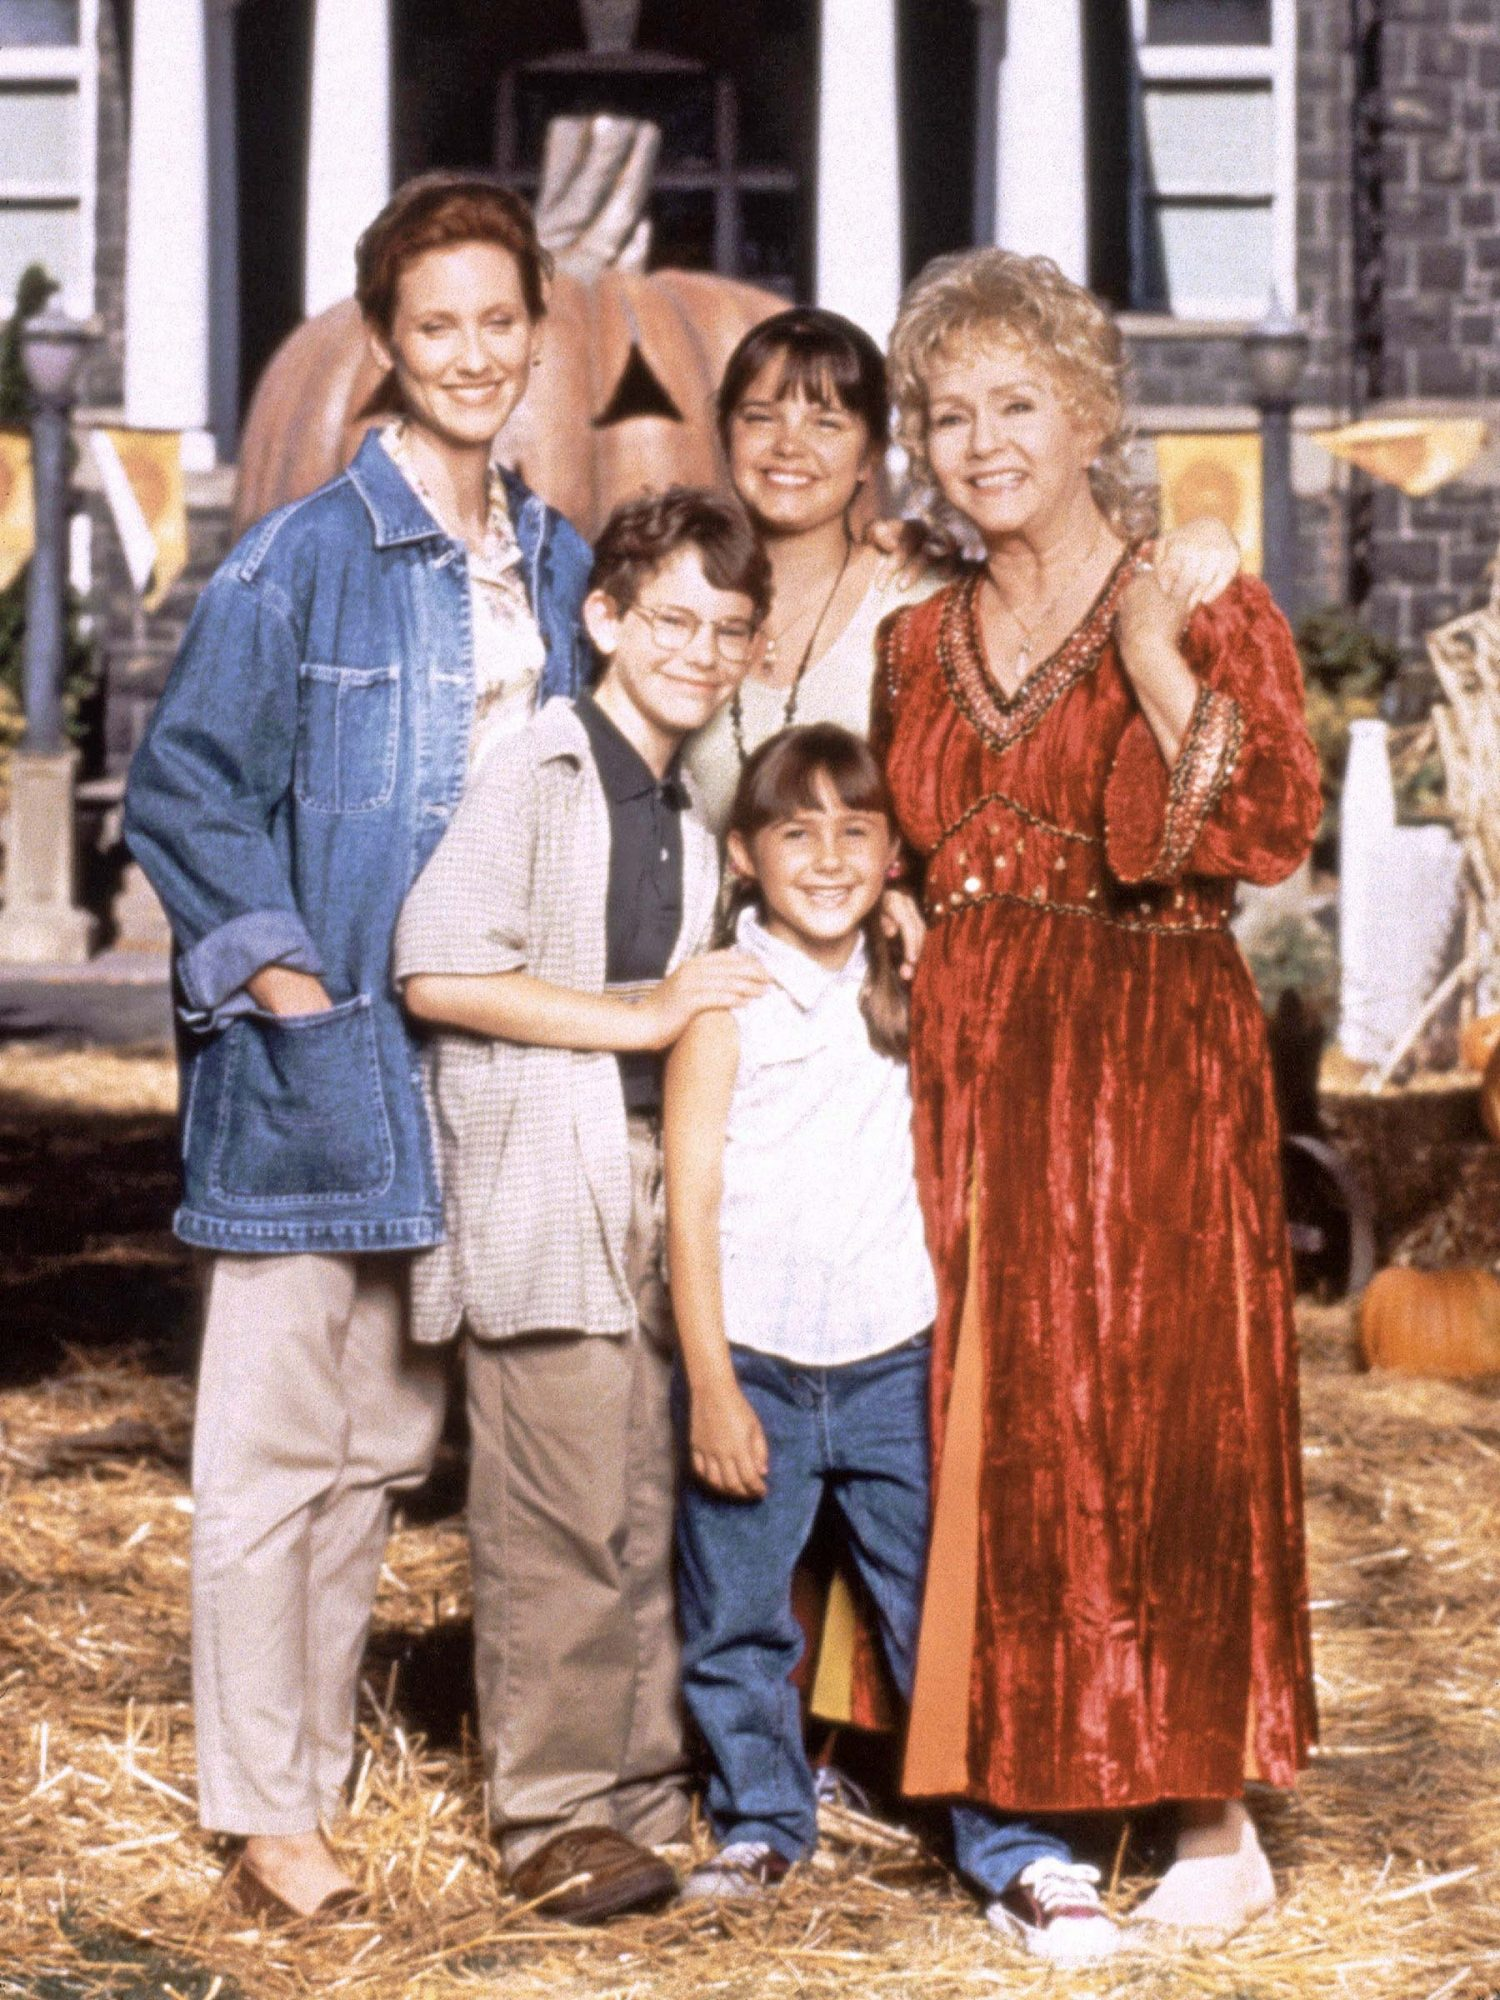 HALLOWEENTOWN, (from left): Judith Hoag, Joey Zimmerman, Kimberly J. Brown, Emily Roeske, Debbie Rey